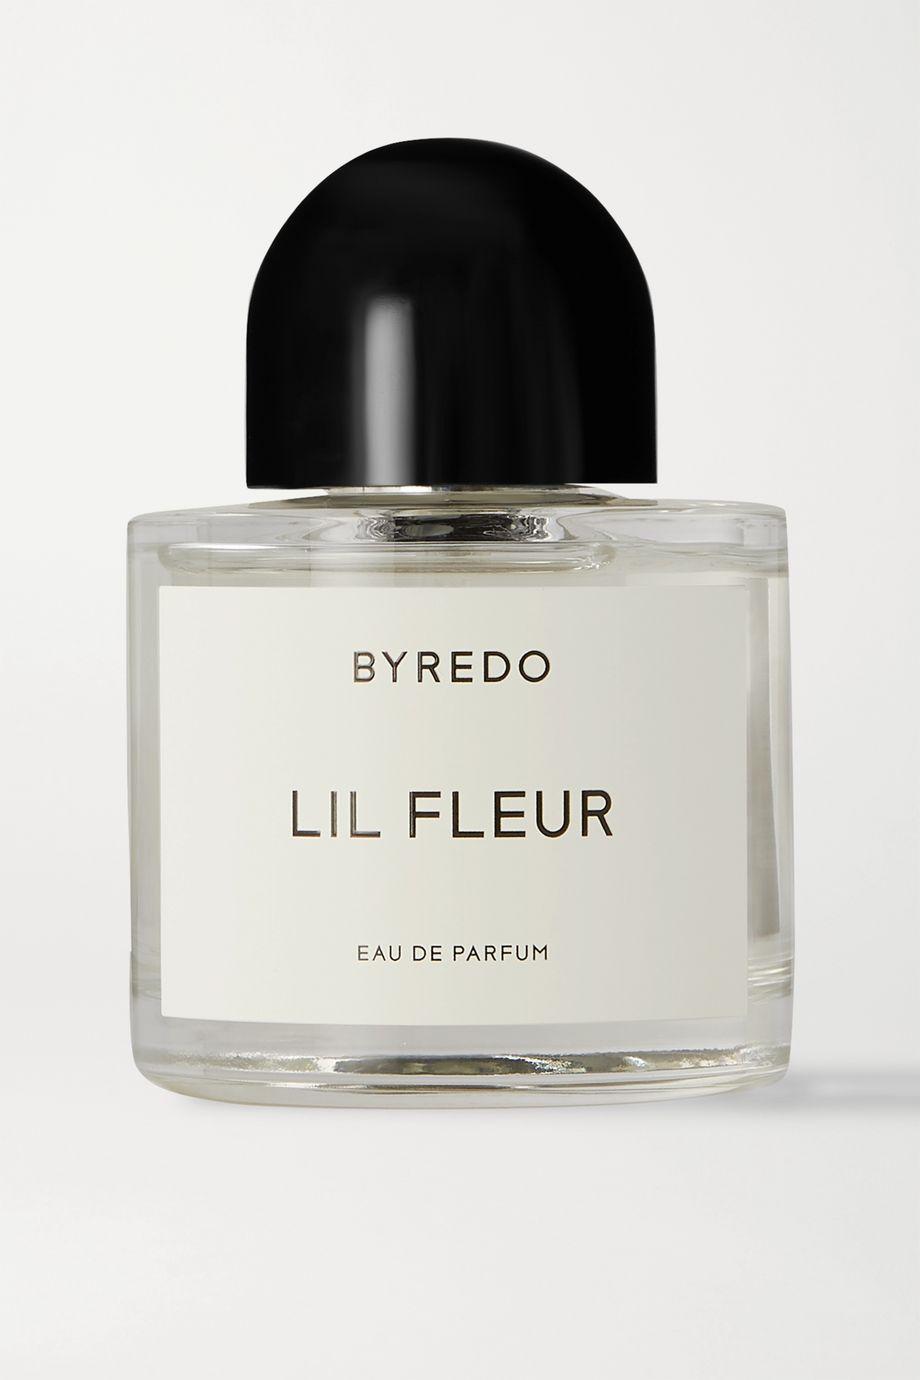 Byredo Eau de Parfum - Lil Fleur, 100ml